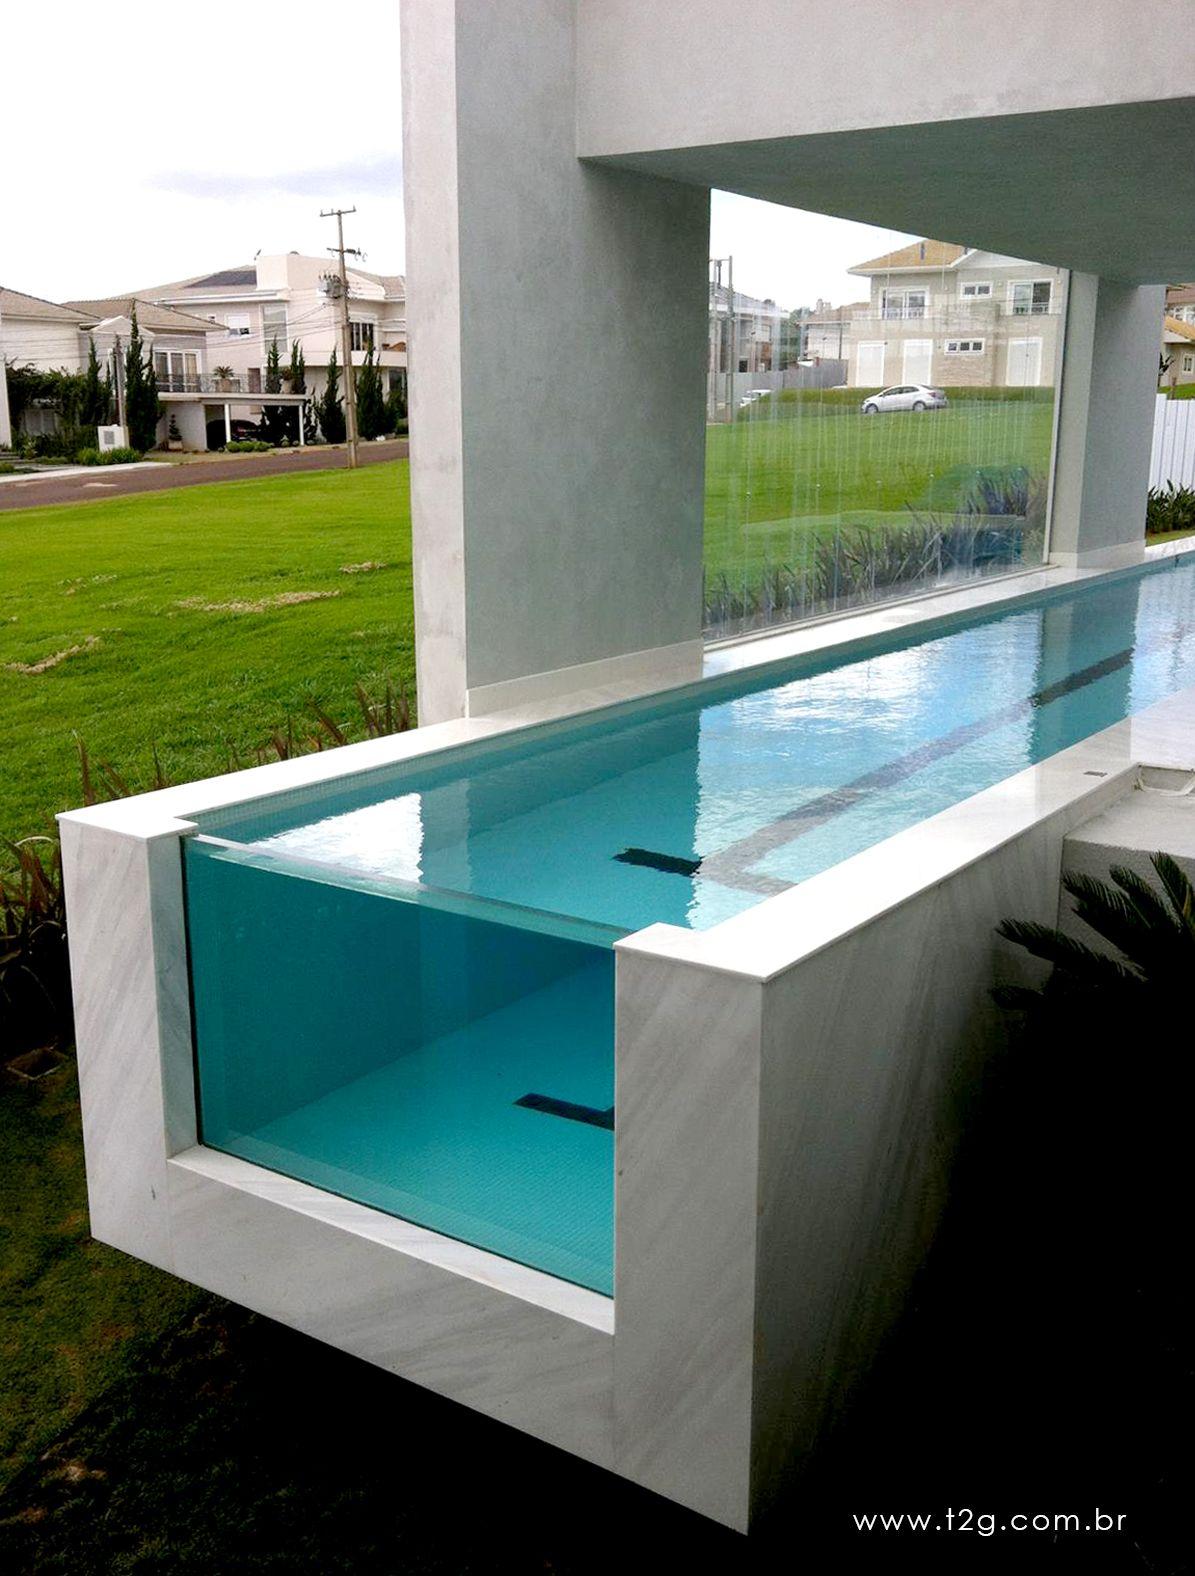 Piscina de vidro piscinas pinterest piscinas mini - Tipos de piscinas para casas ...